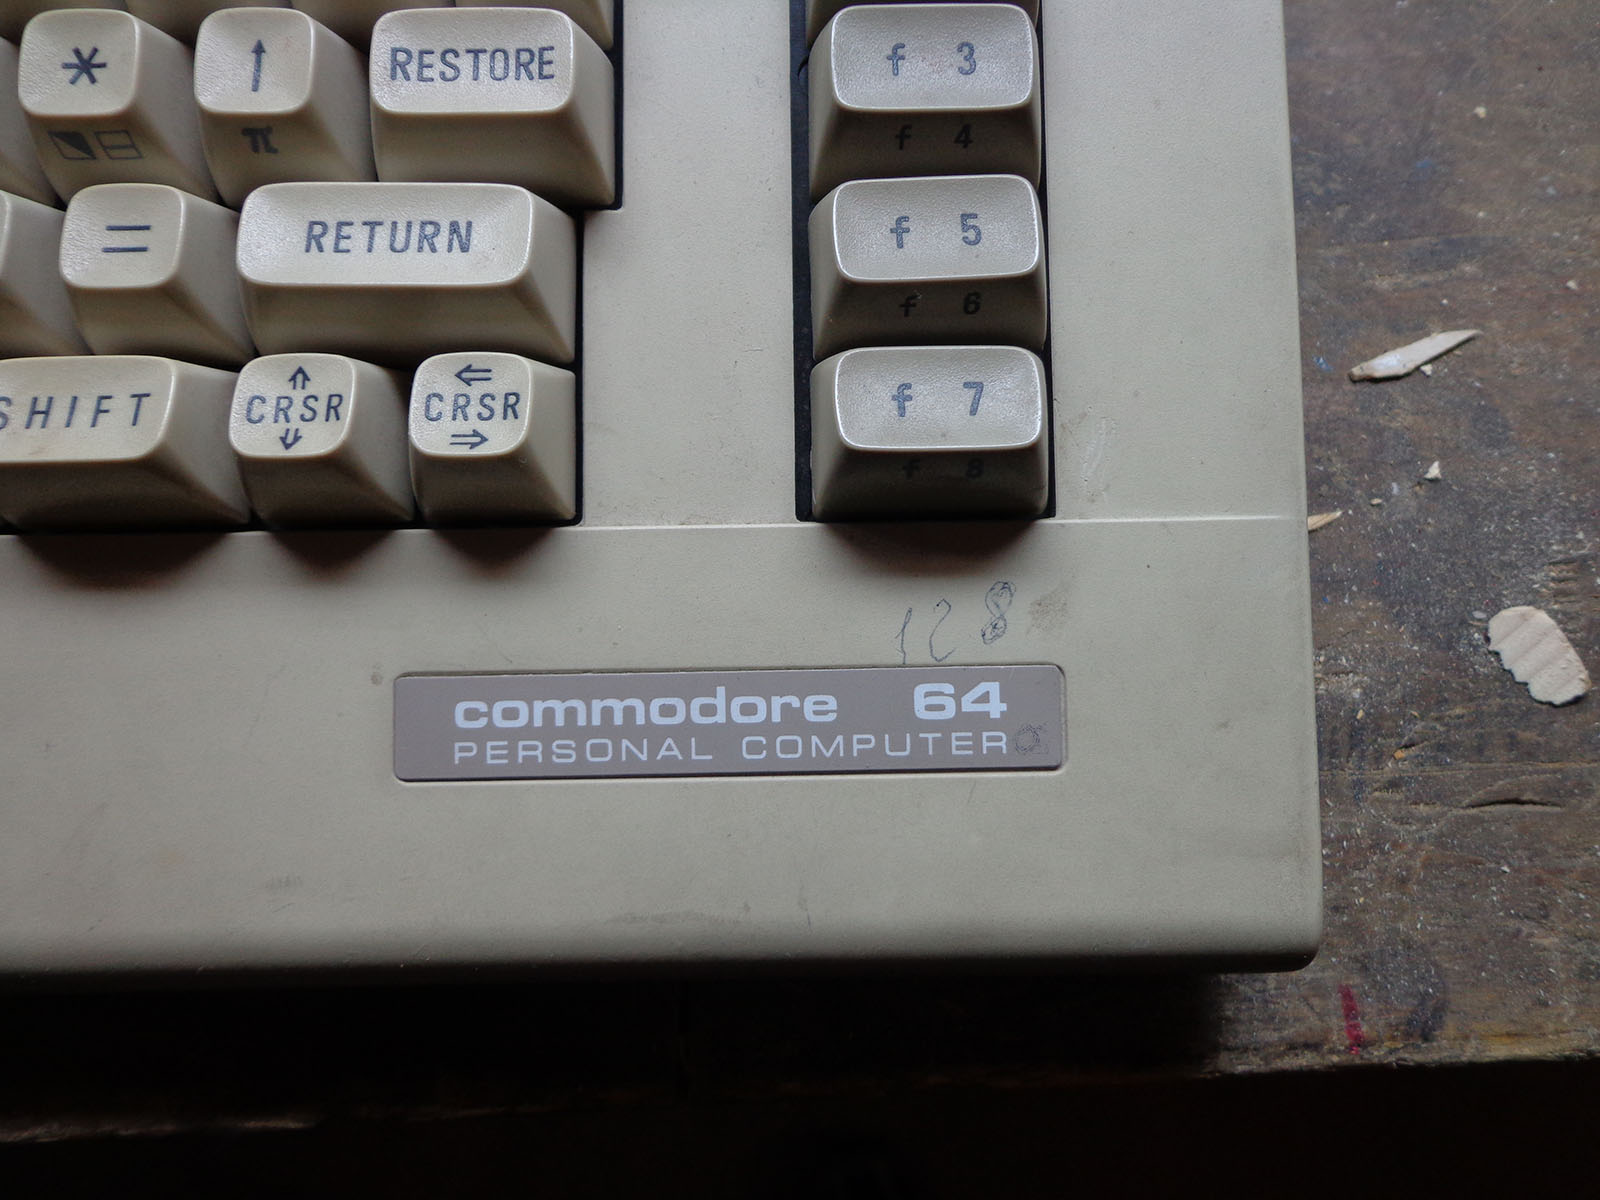 Modifica Commodore 64